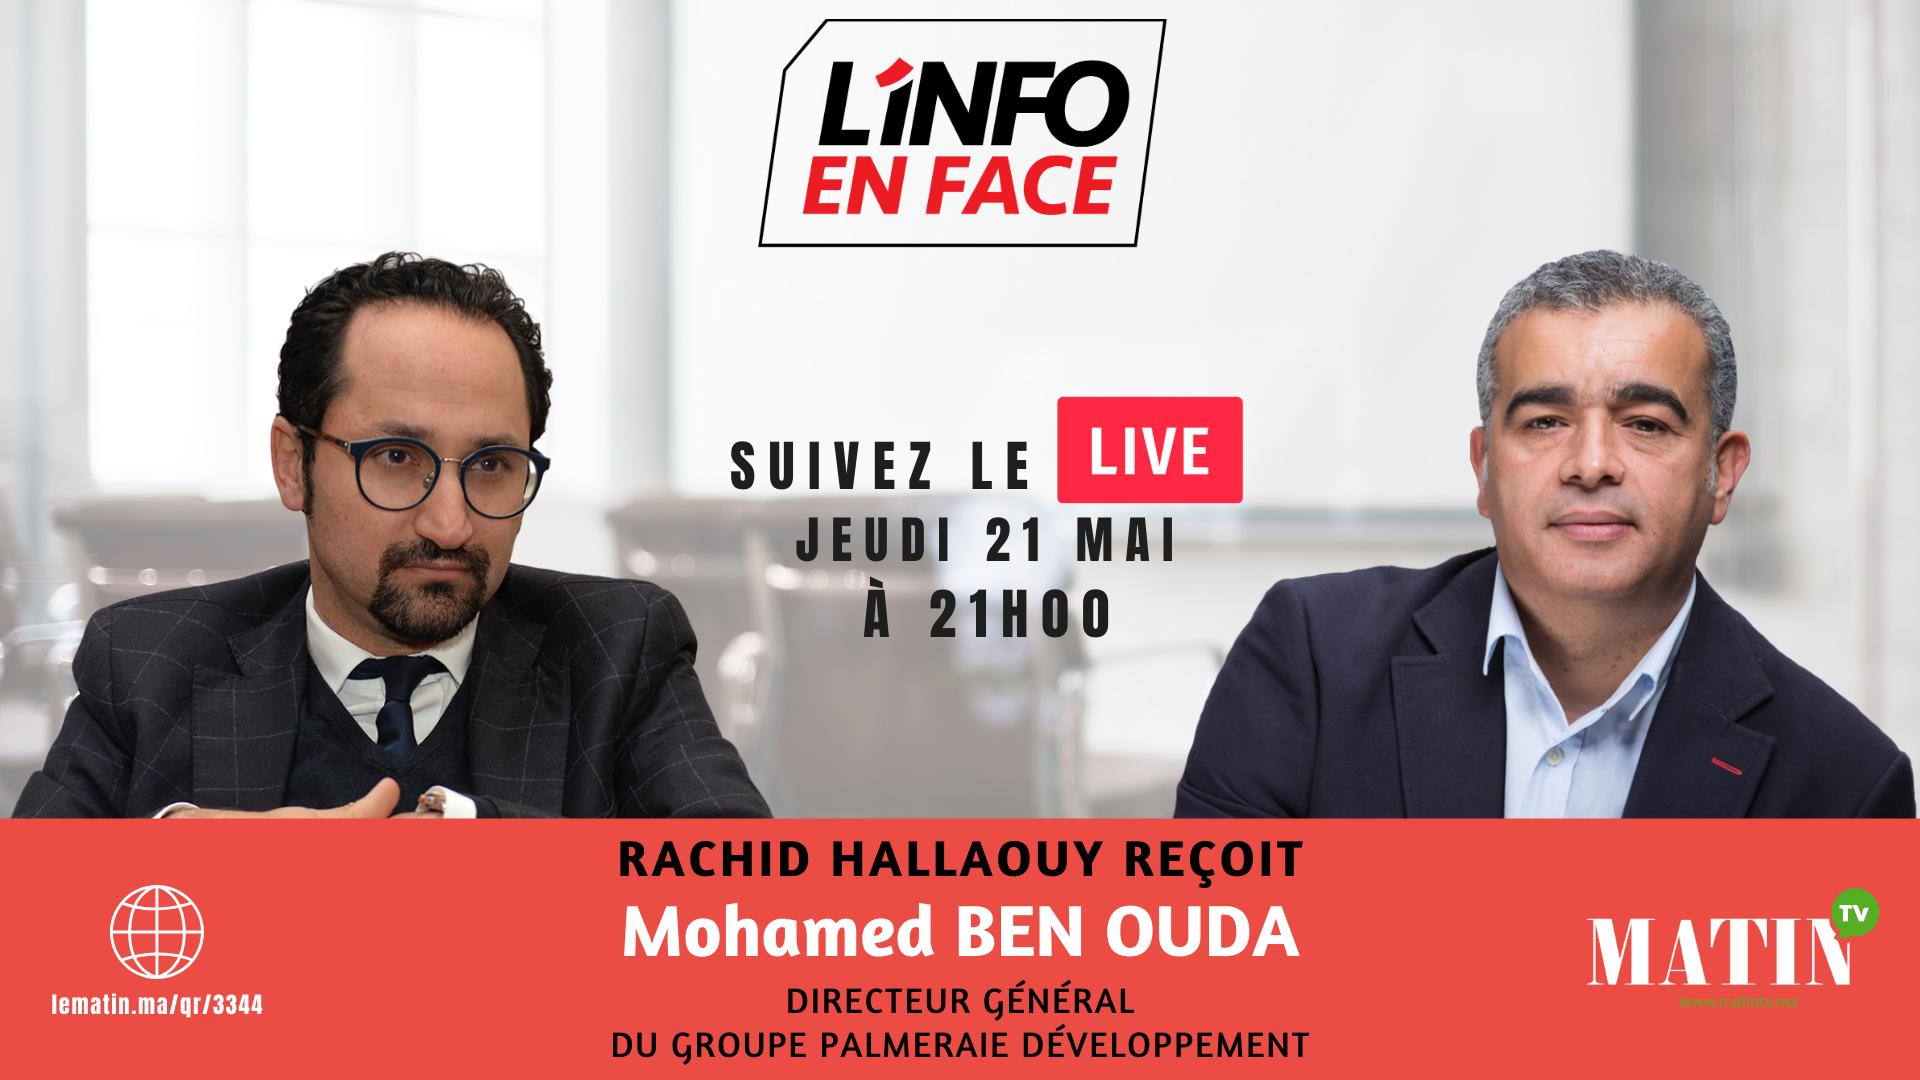 Live : L'Info en Face avec Mohamed Ben Ouda